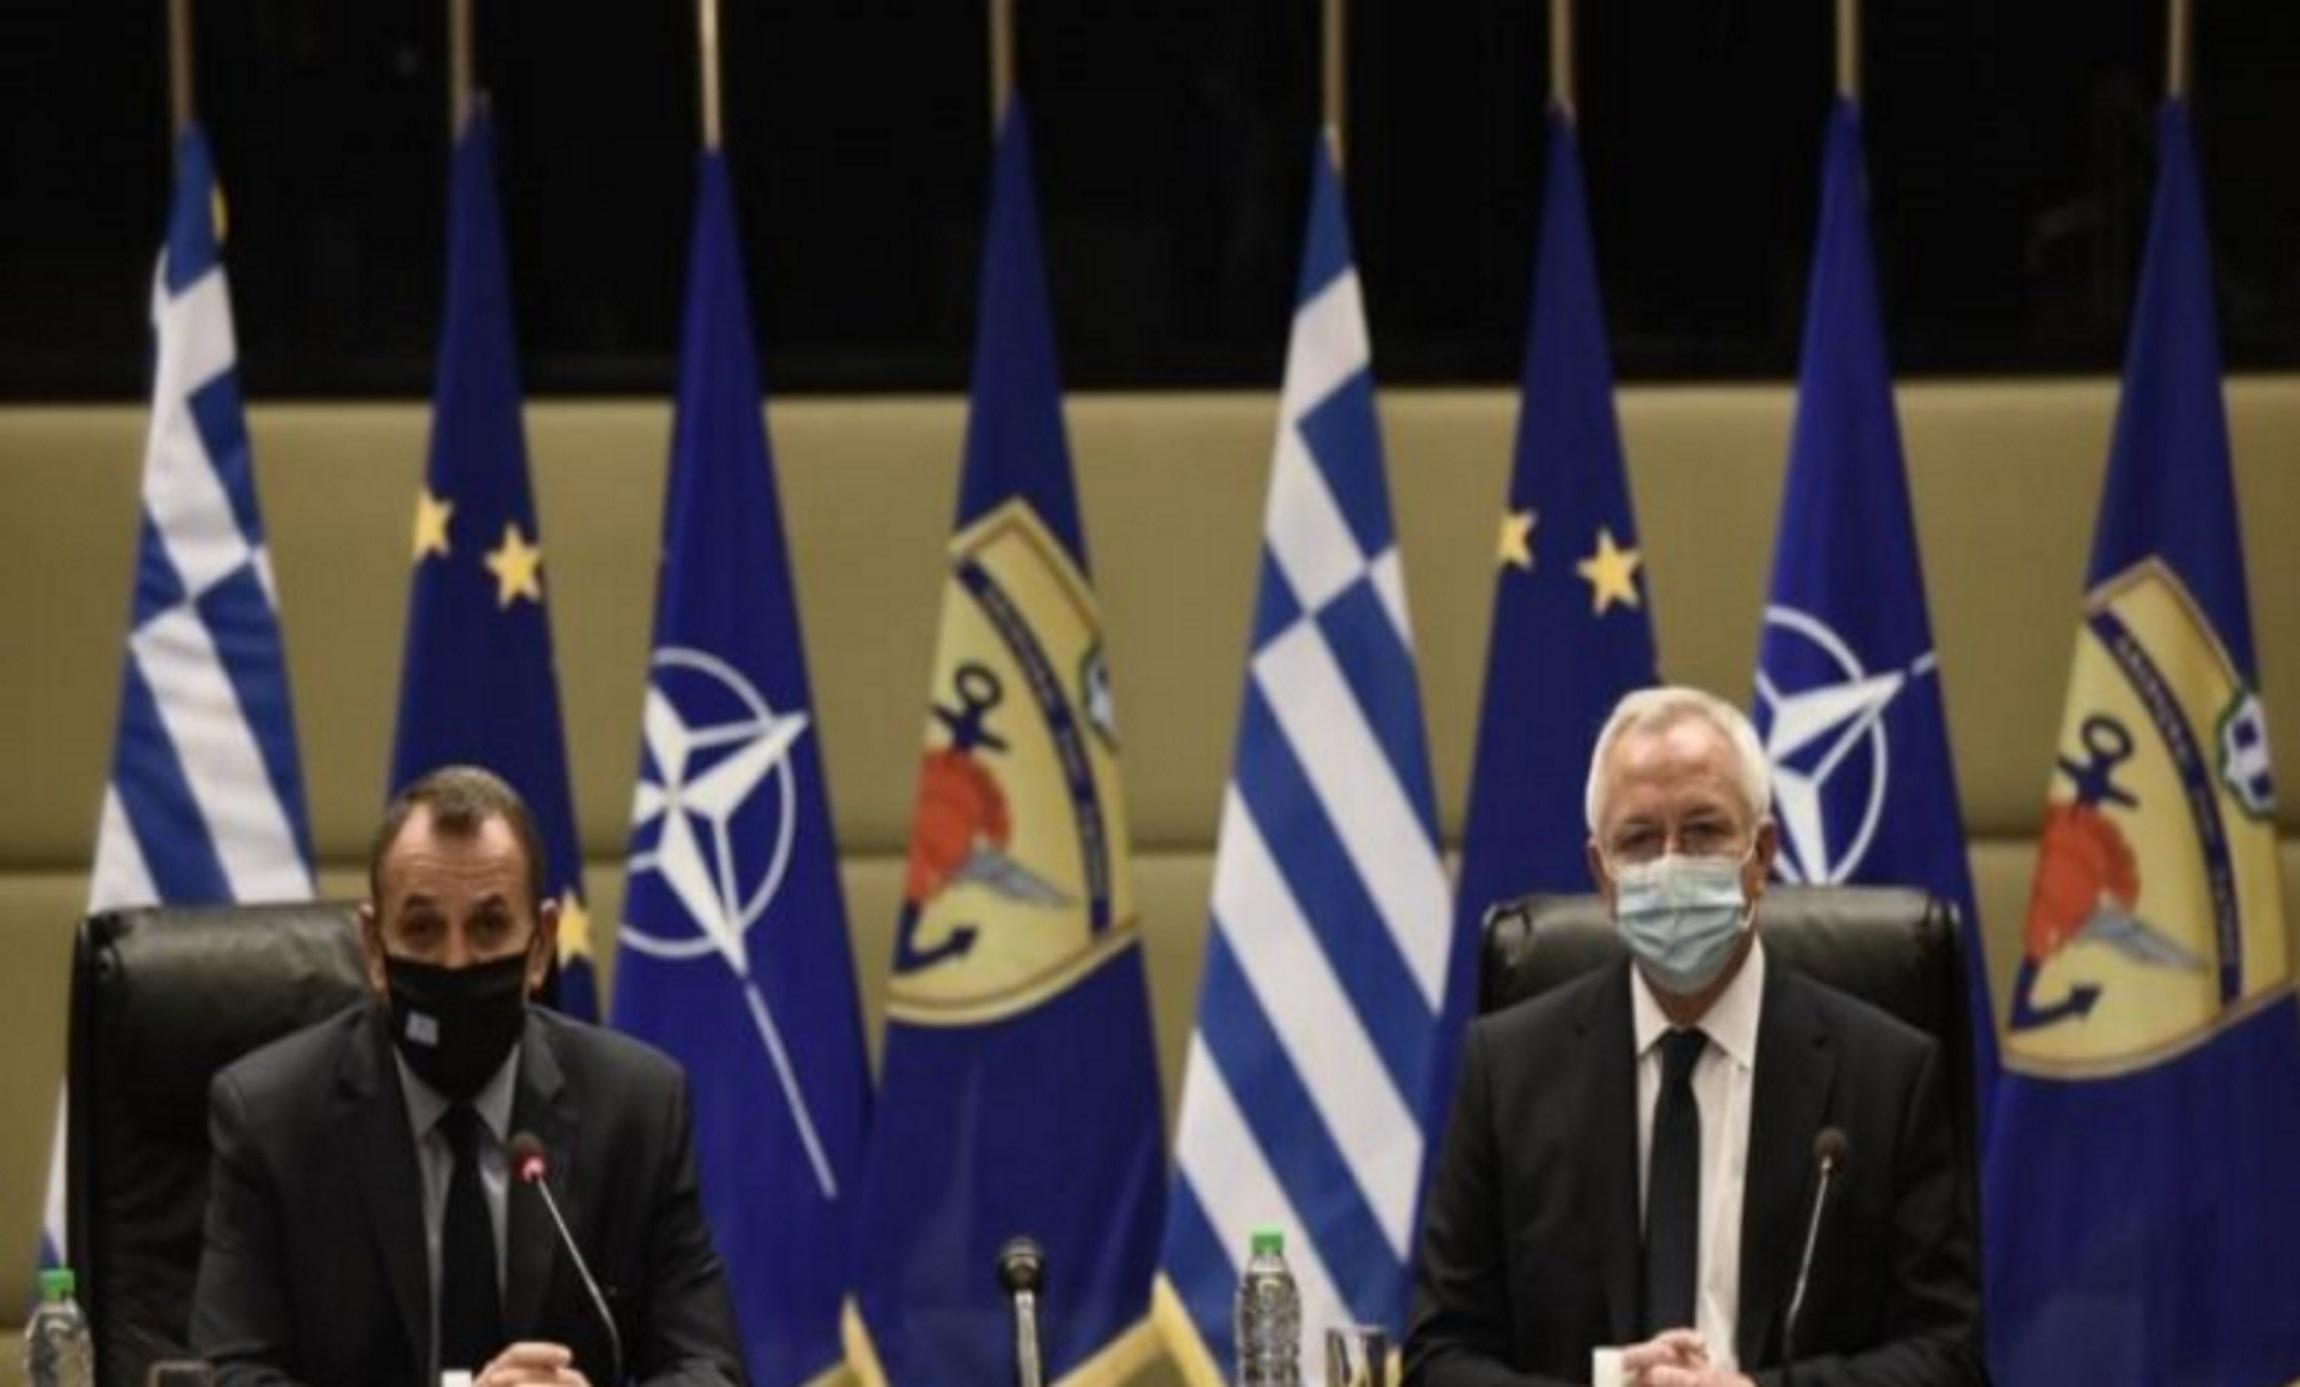 Τεράστια δωρεά για τις επιχειρησιακές ανάγκες των ΕΔ παρέλαβε ο ΥΕΘΑ Παναγιωτόπουλος